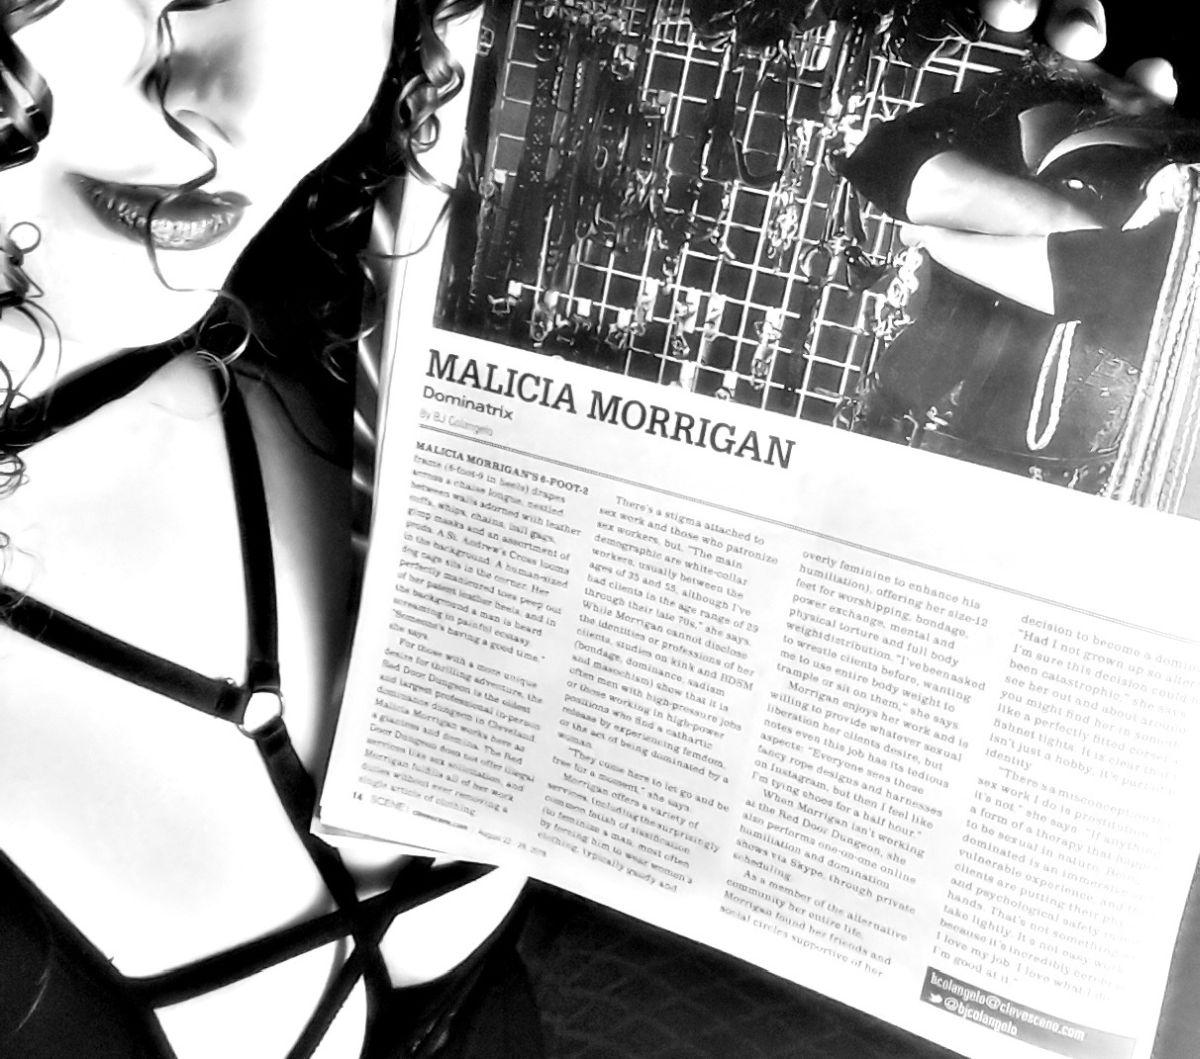 Amazon Malicia Morrigan photos